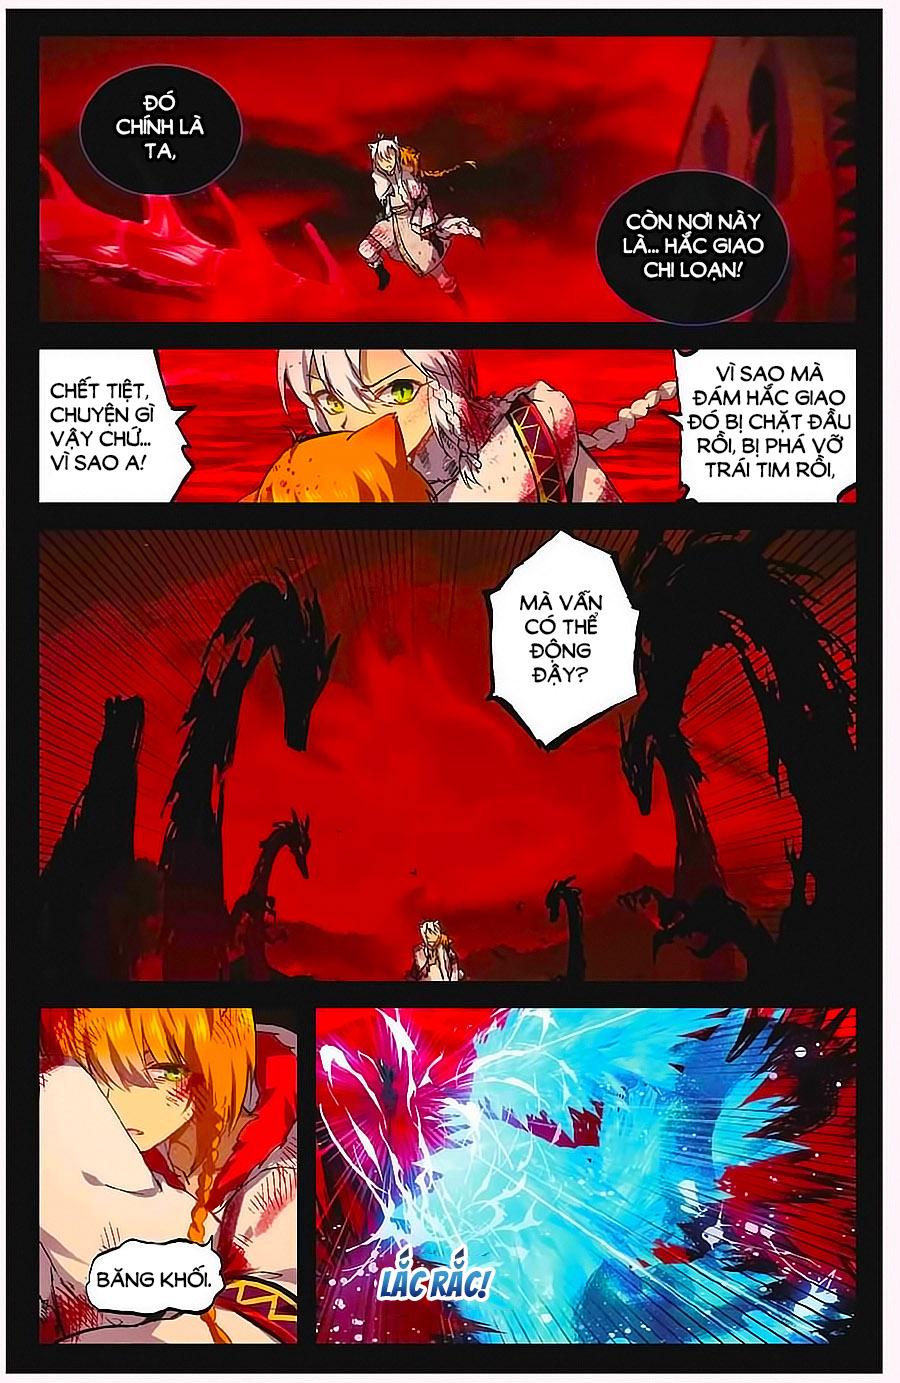 Thiên Hành Thiết Sự chap 68 Trang 13 - Mangak.info